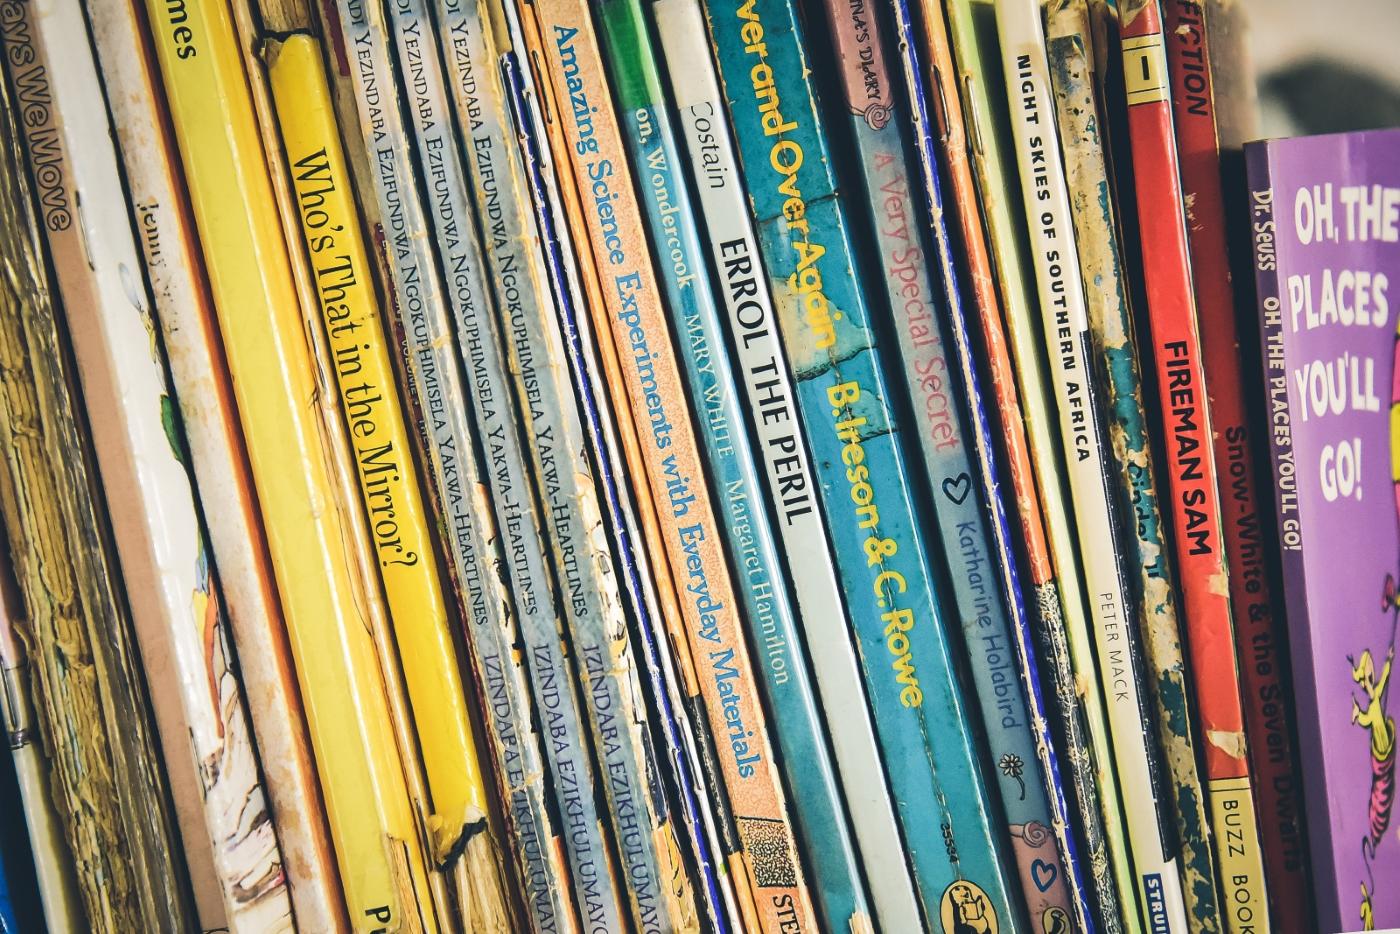 Bücher nebeneinander  Poster alternativ verwenden - posterXXL Magazin